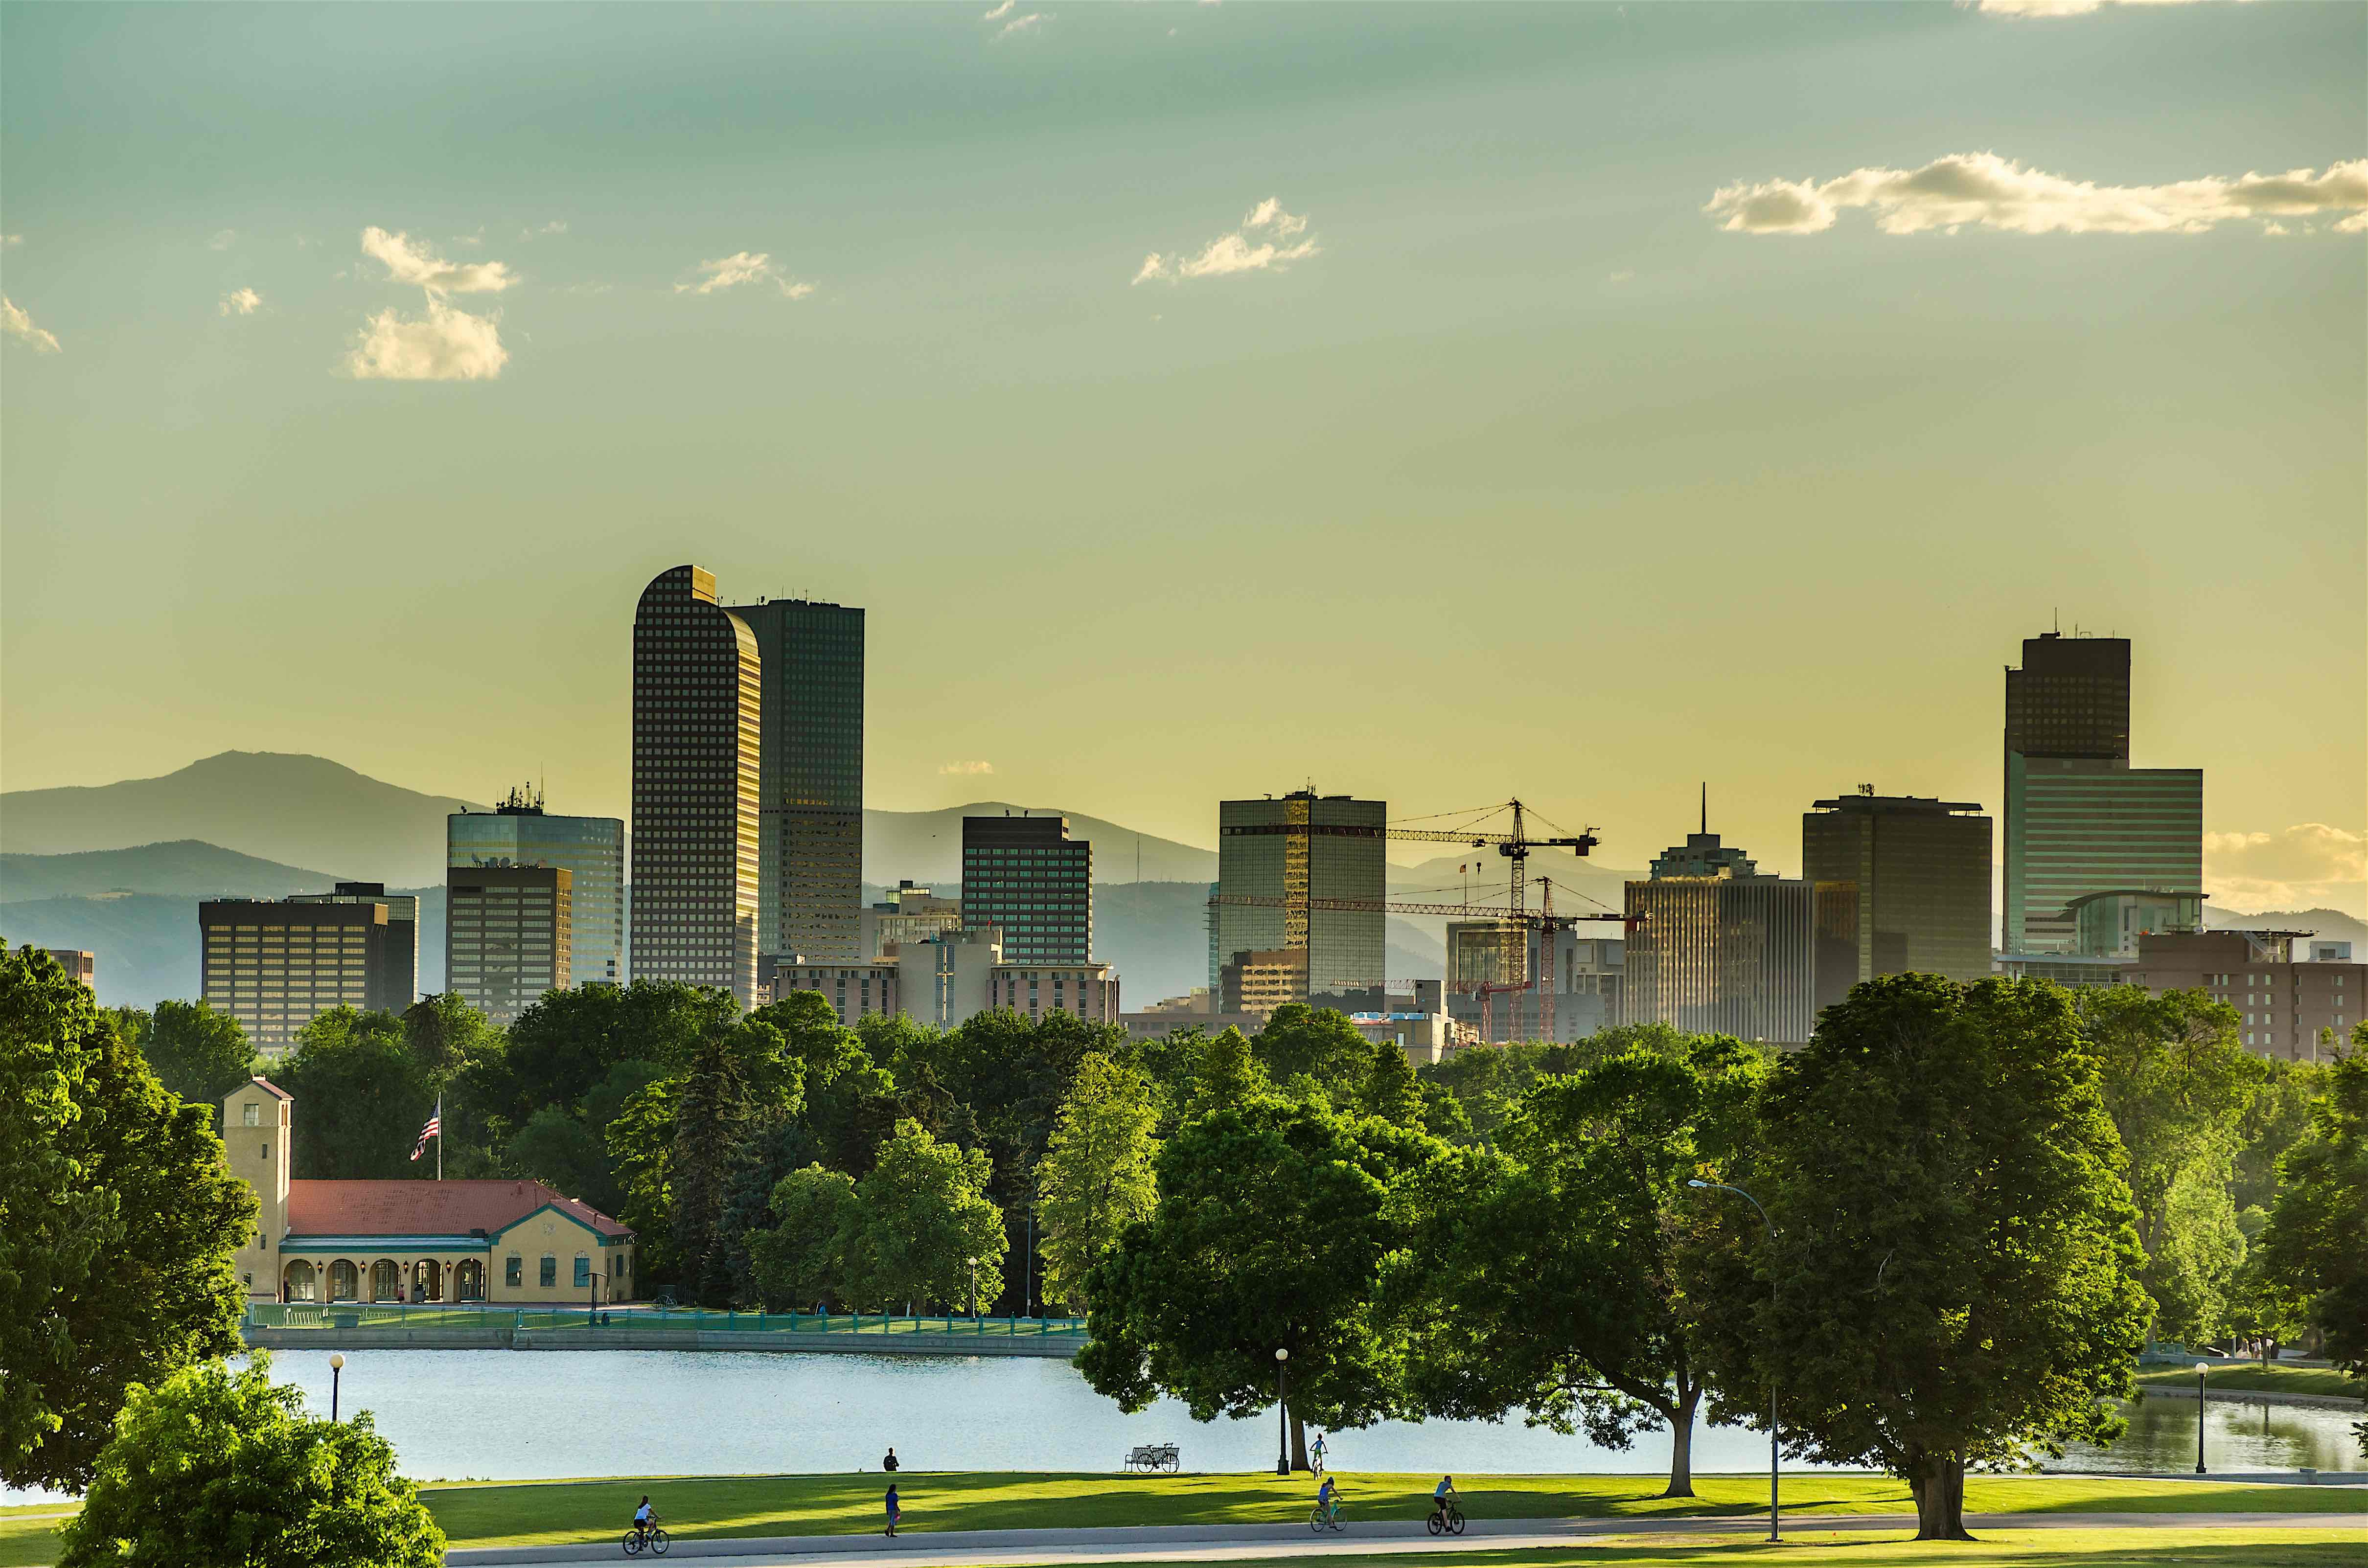 Denver, CO: Real Estate Market & Trends 2016 – Helpful Investing